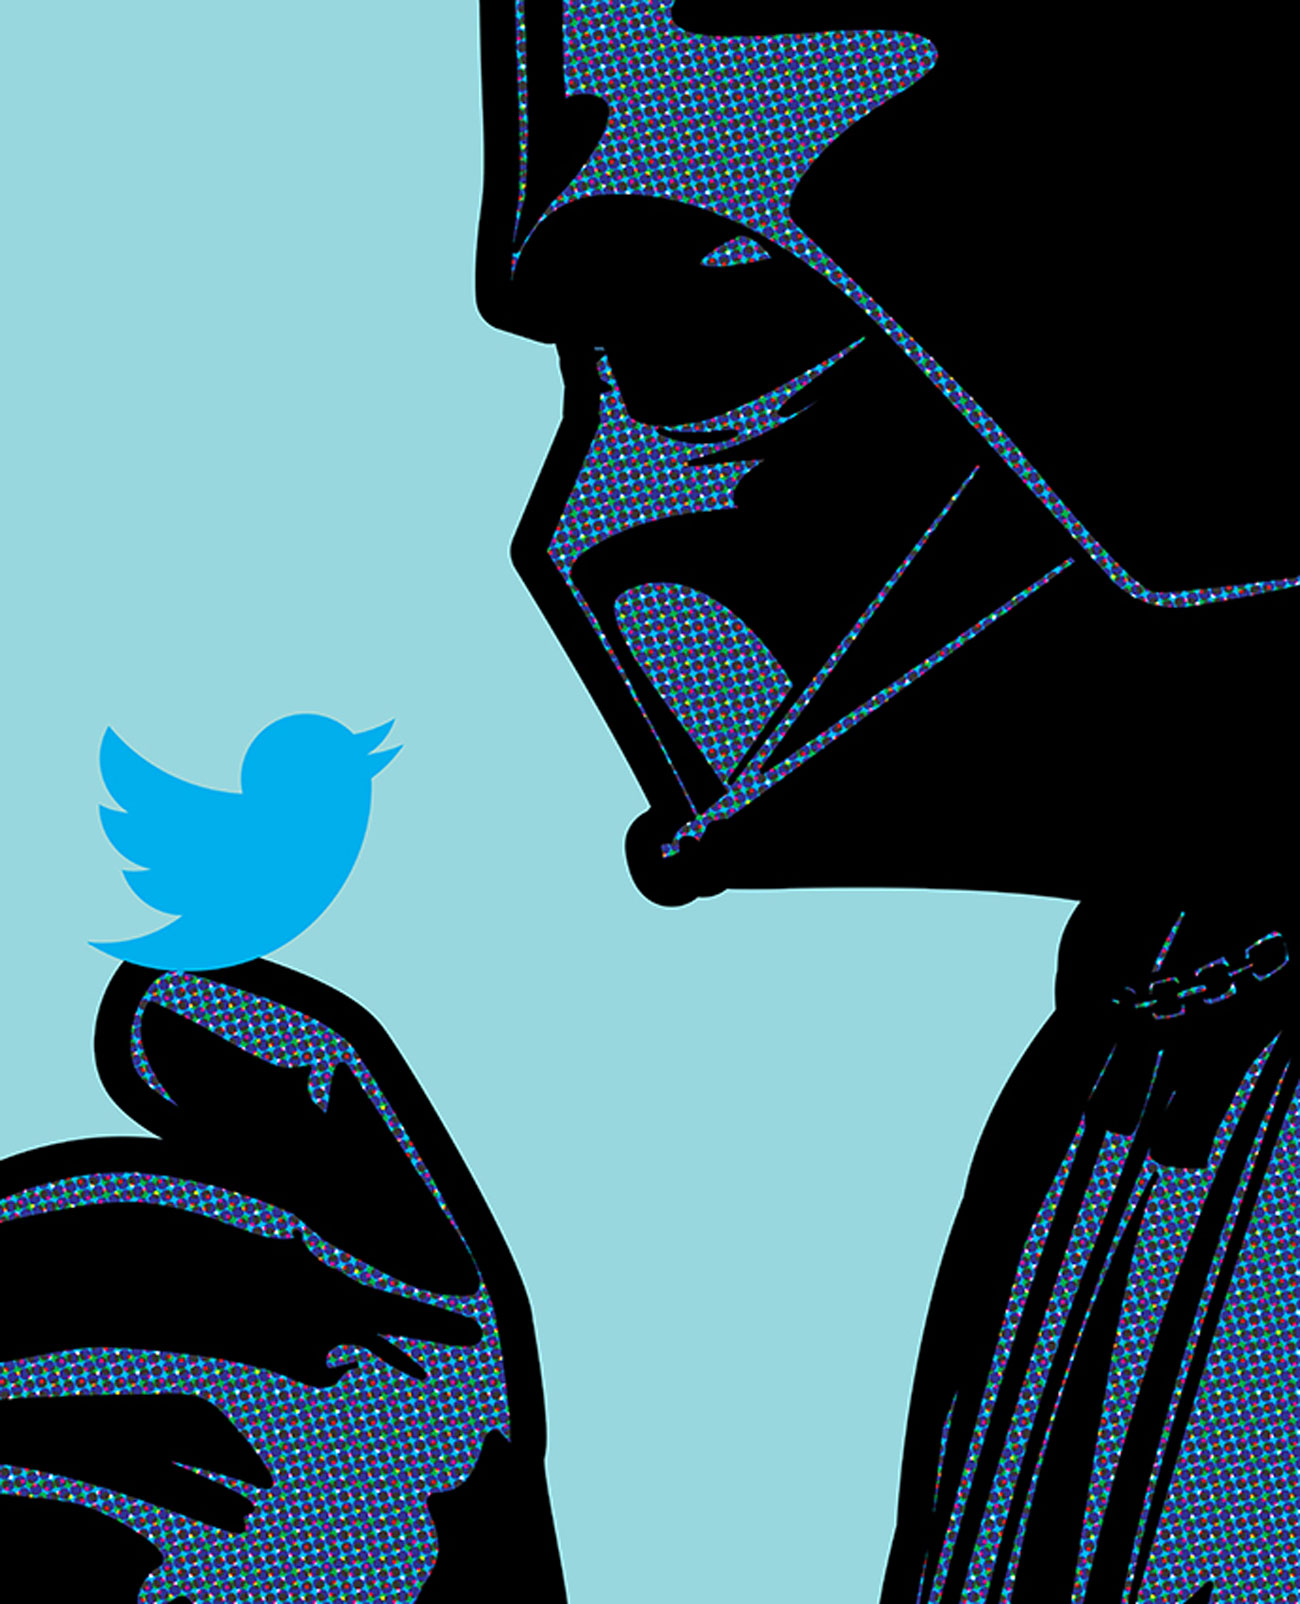 darth vader twitter